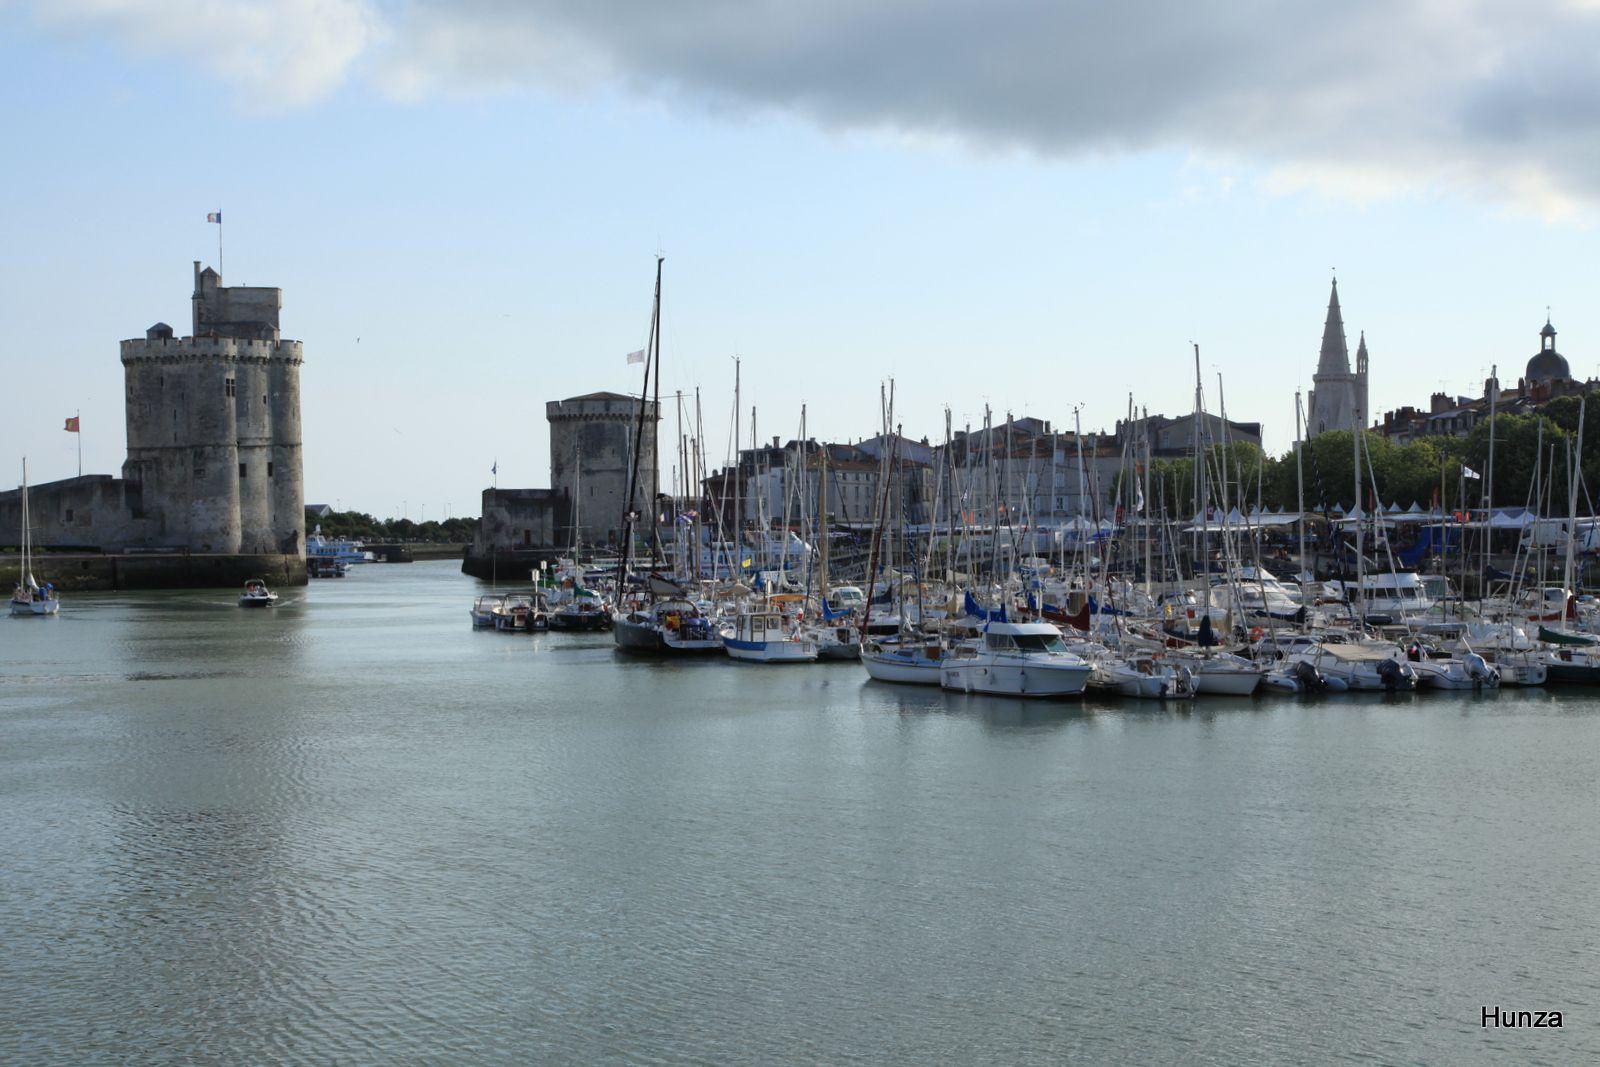 La Rochelle, les lieux incontournables à visiter